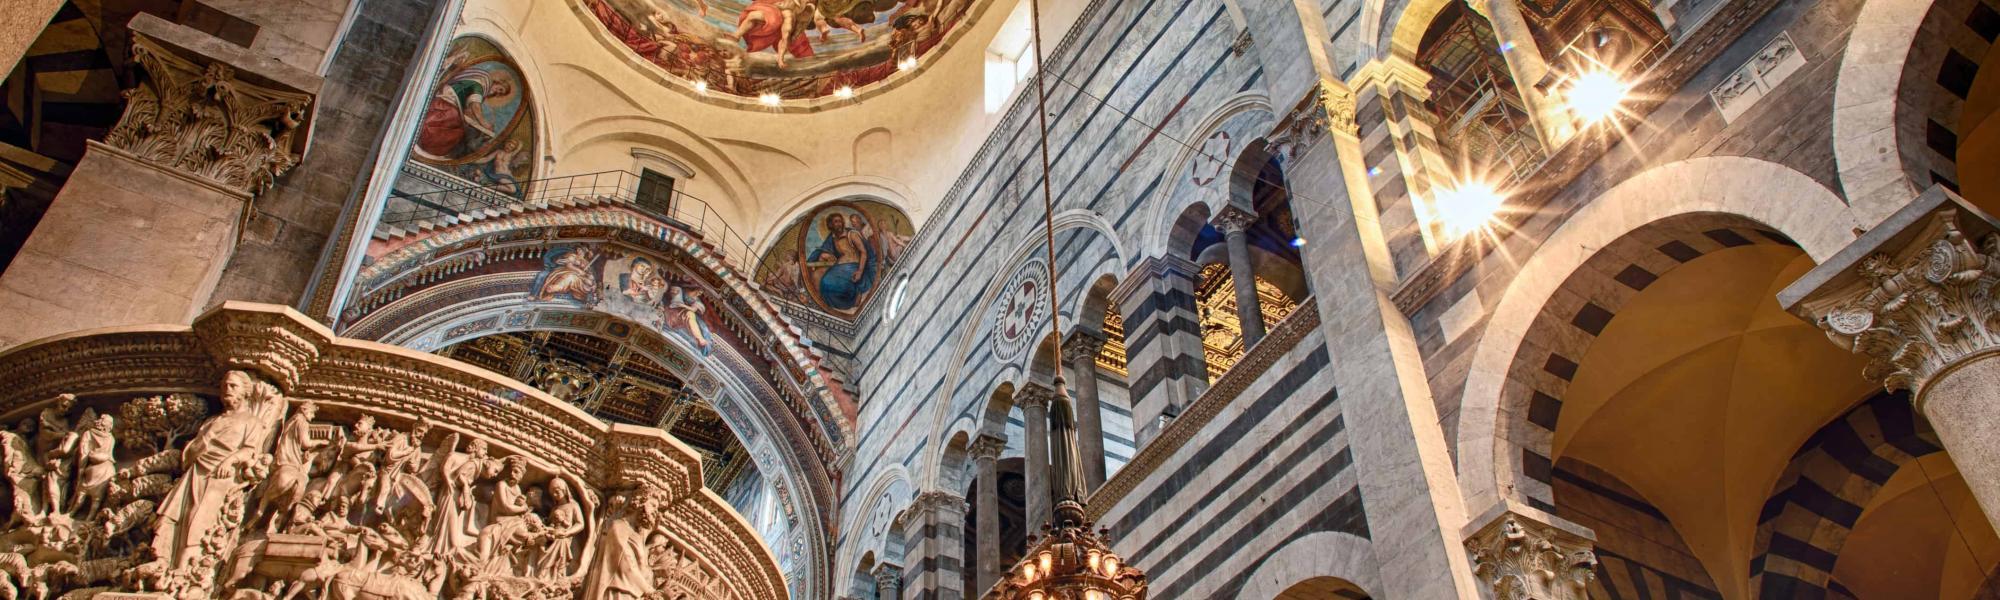 Pulpito, lampadario e cupola all'interno della cattedrale di Santa Maria Assunta (Opera Primaziale Pisana)